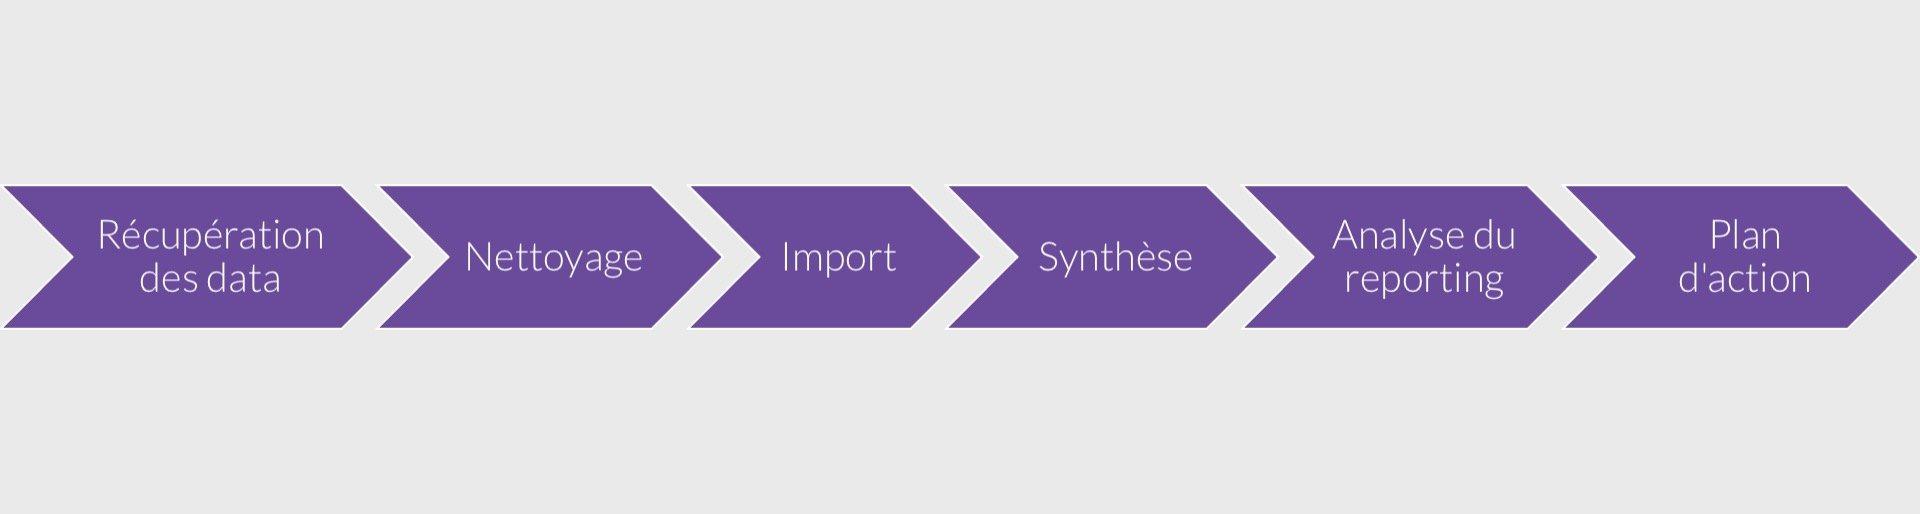 Avant : un processus long et laborieux afin de pouvoir produire tous les rapports et les analyses afin de lancer des plans d'action pertinents et efficaces.